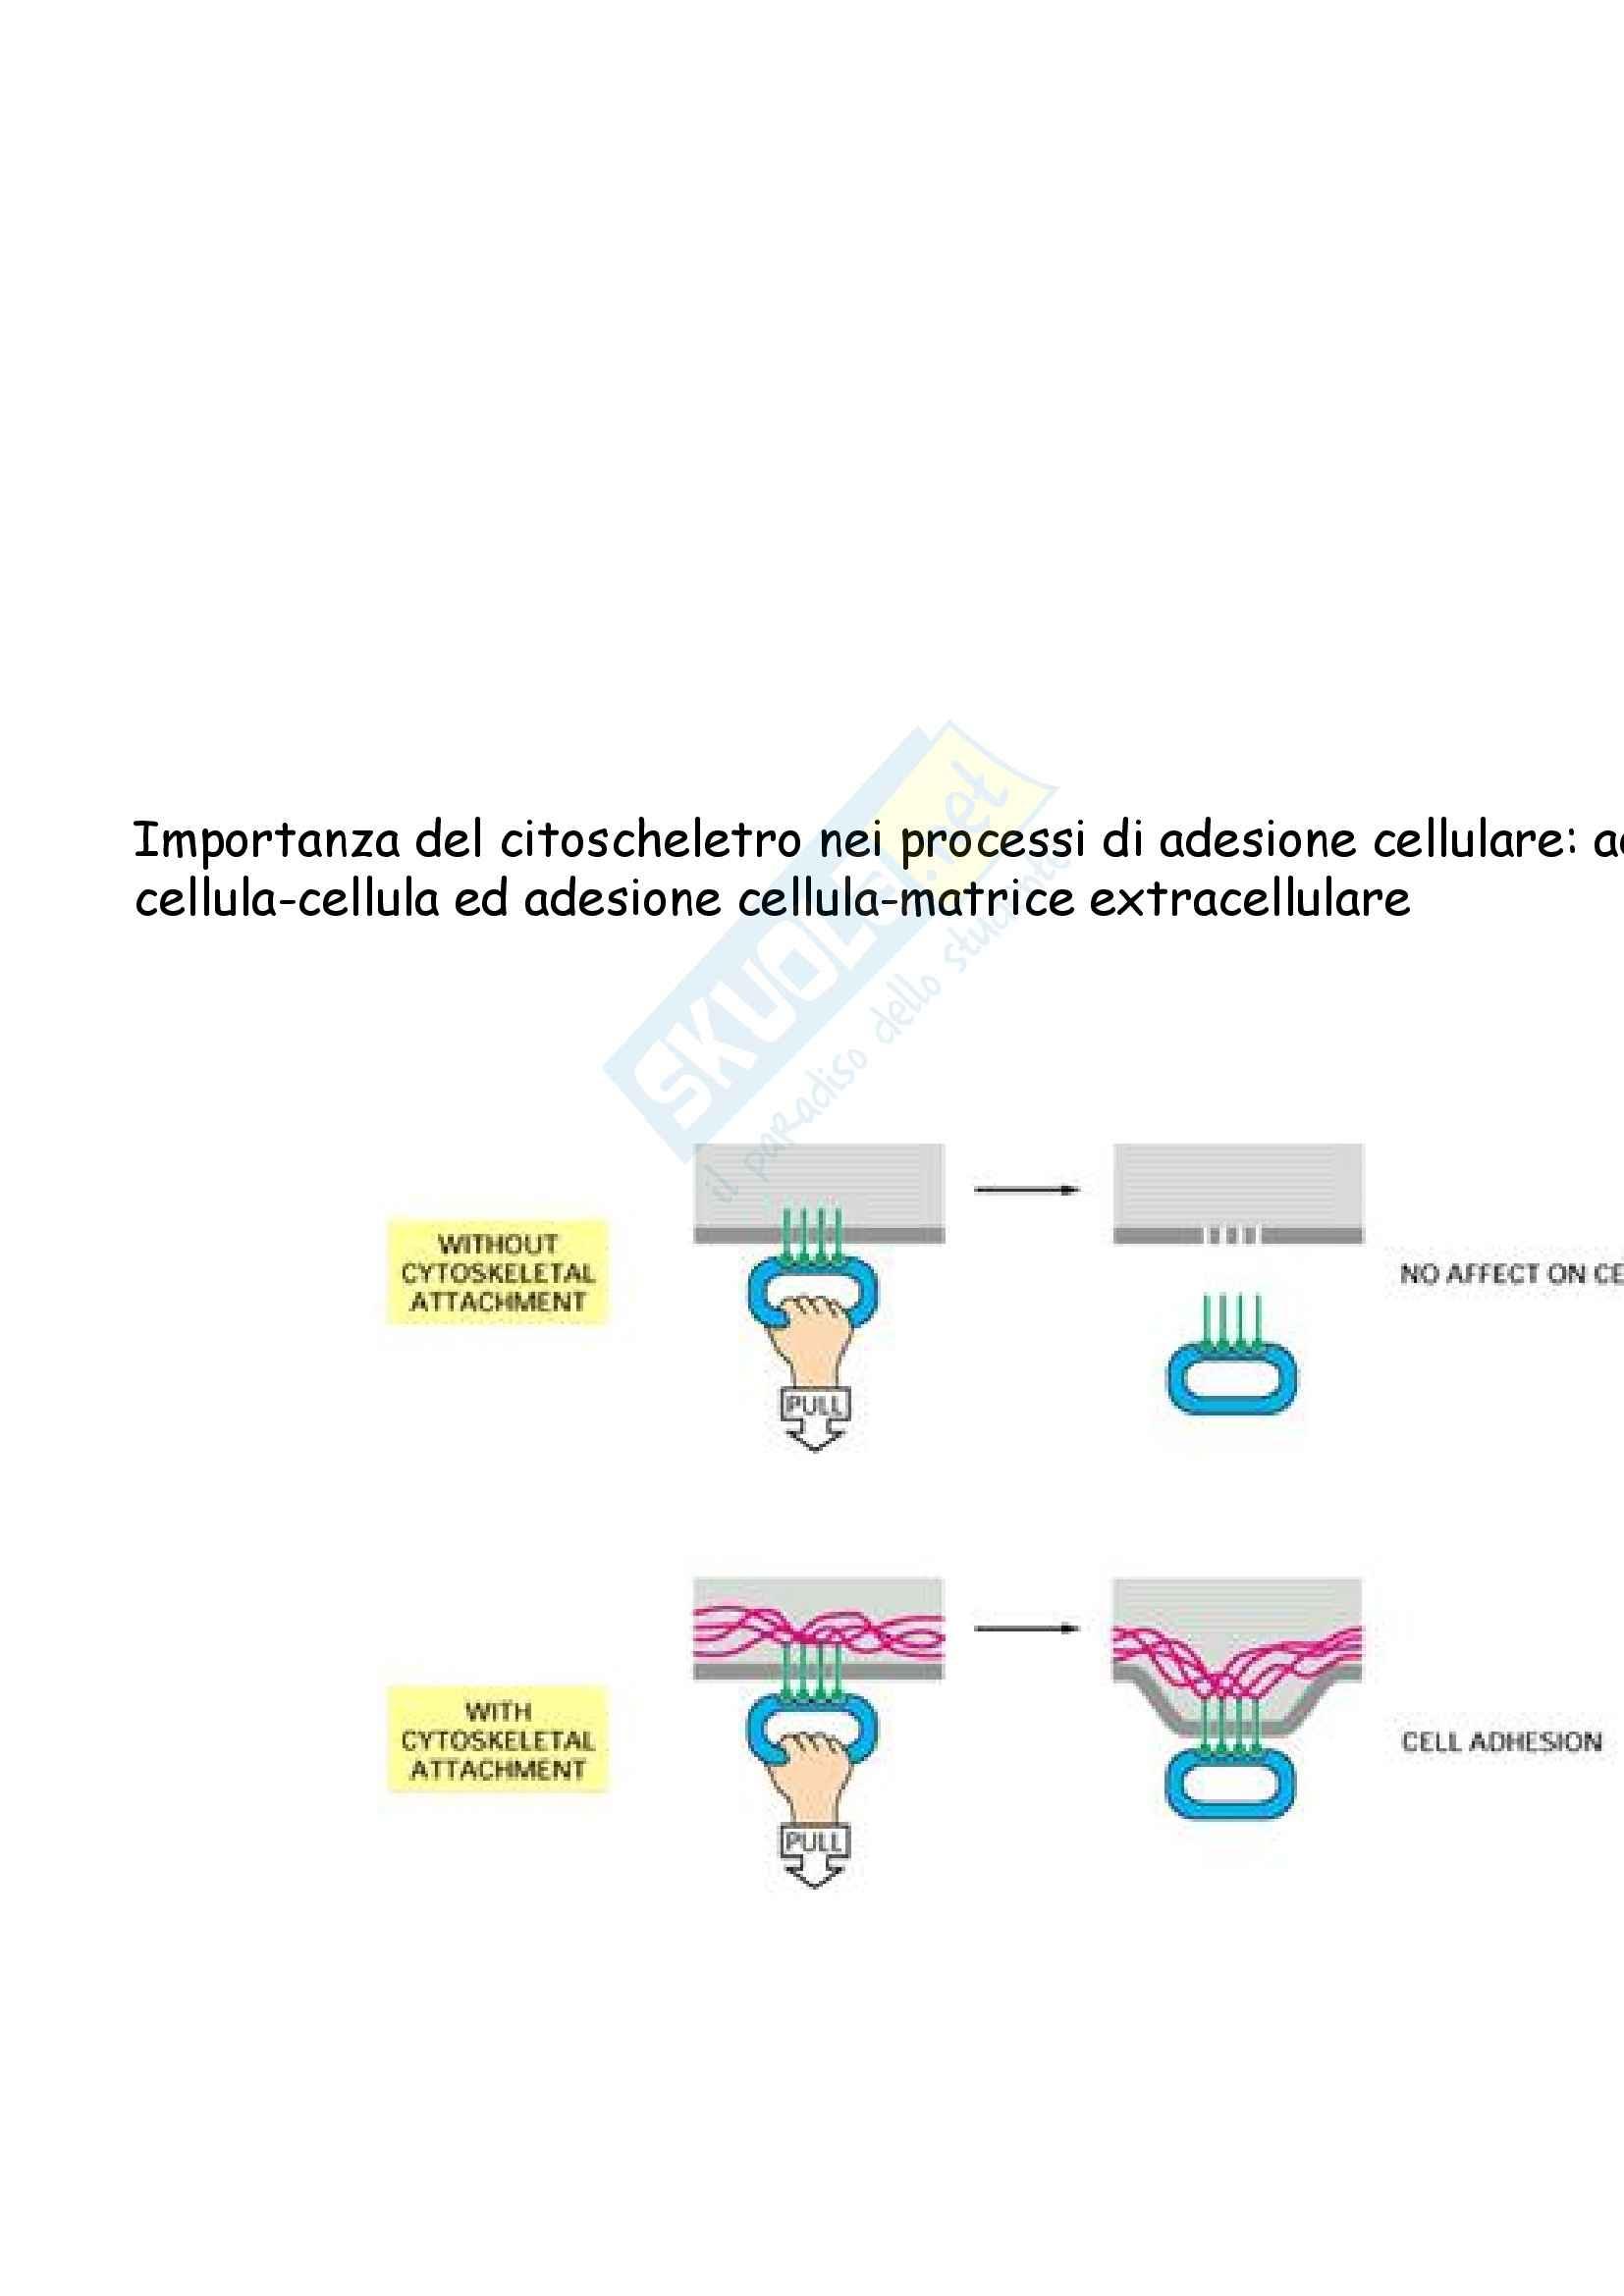 Biologia molecolare - strutture adesive